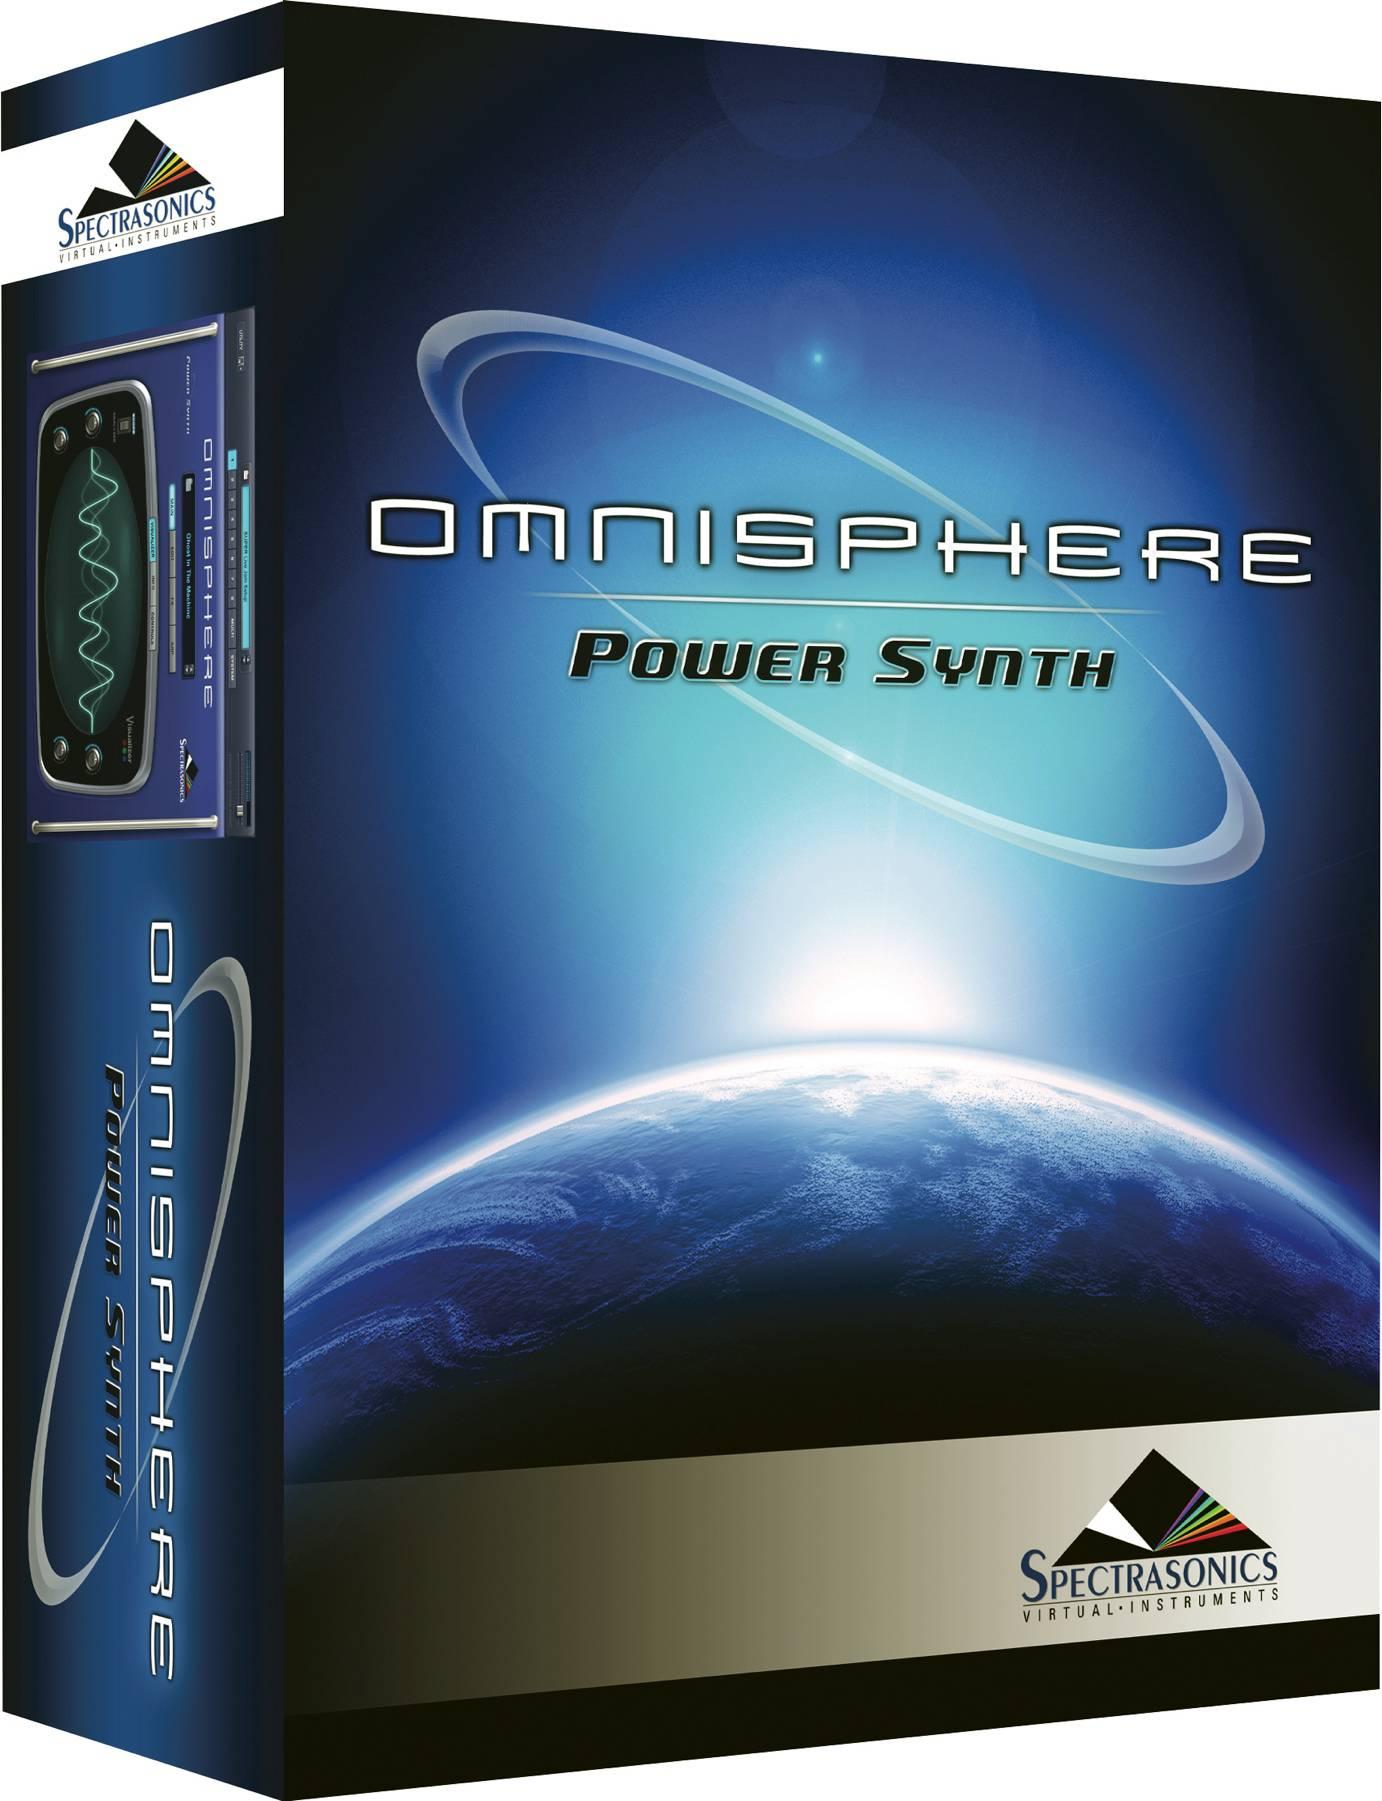 Spectrasonics Omnisphere 2.6.3 With Full Crack